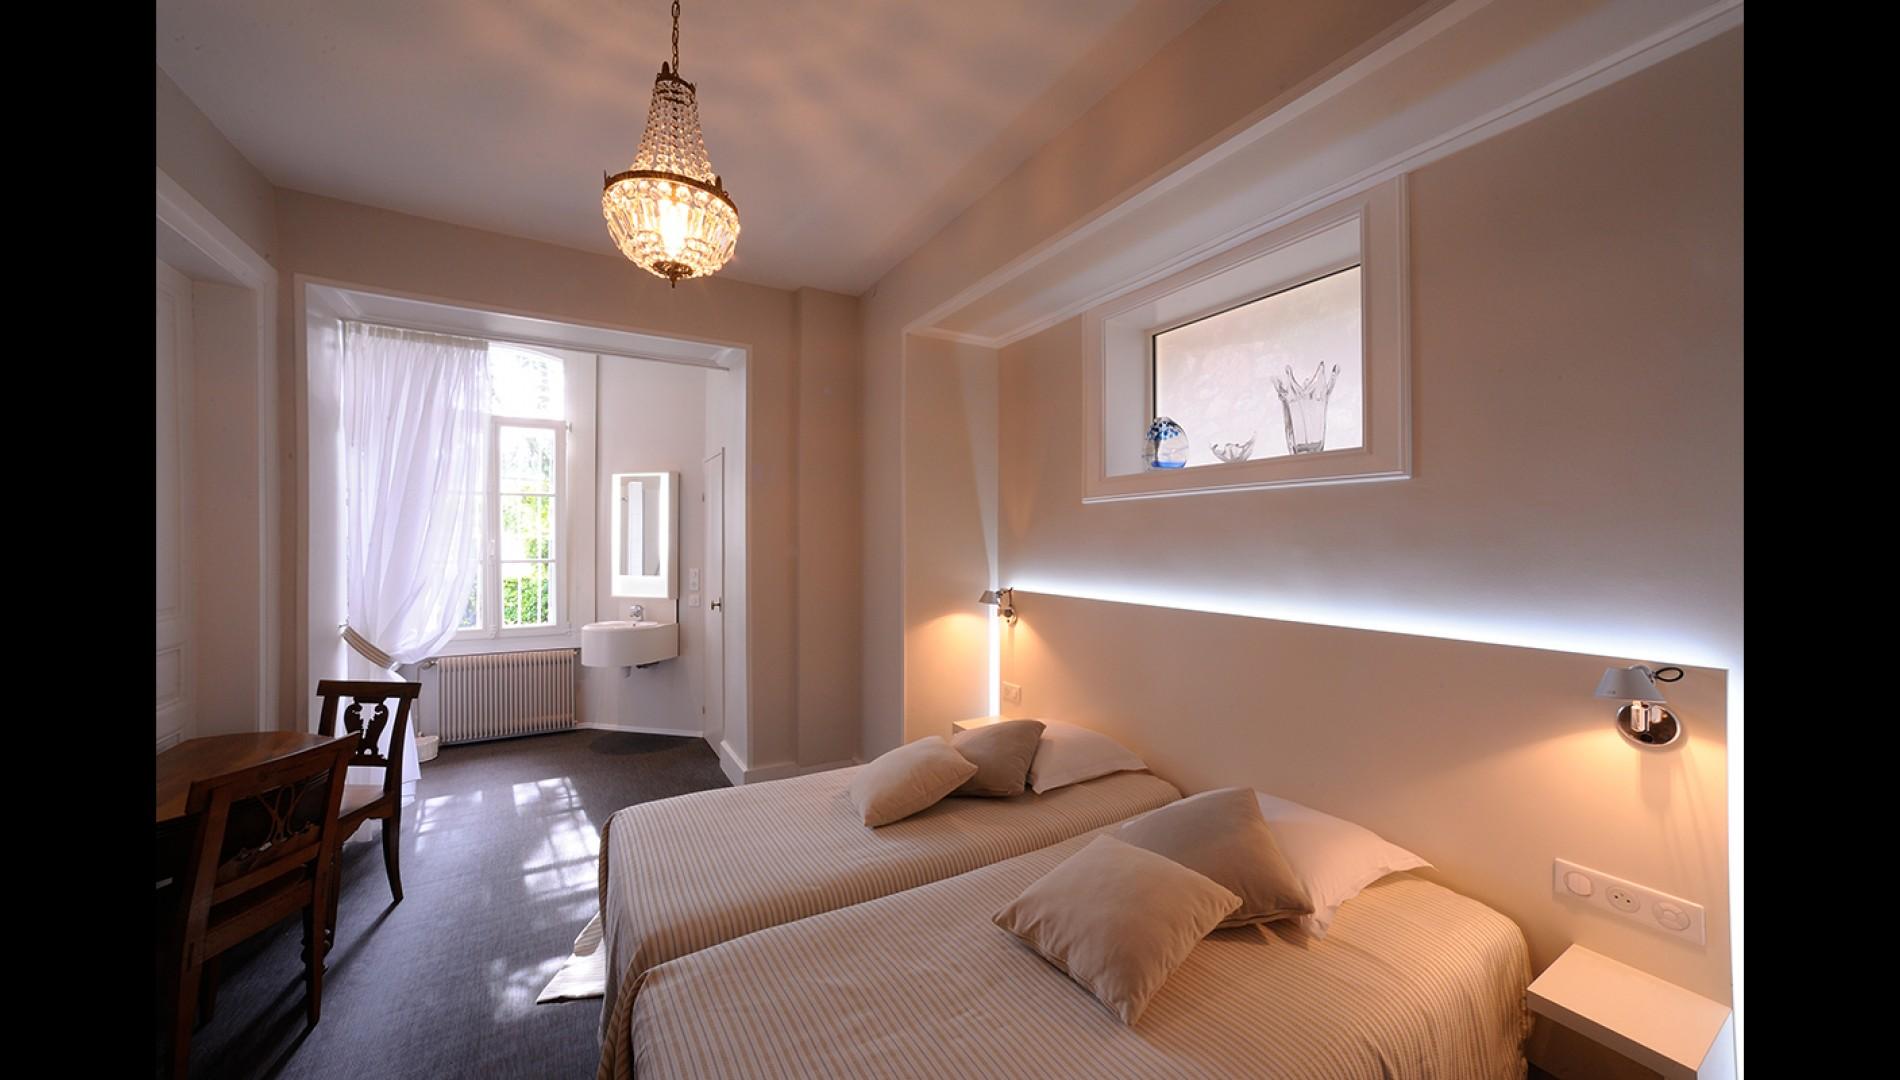 am nagement de chambres d h tes dans une maison de ma tre. Black Bedroom Furniture Sets. Home Design Ideas